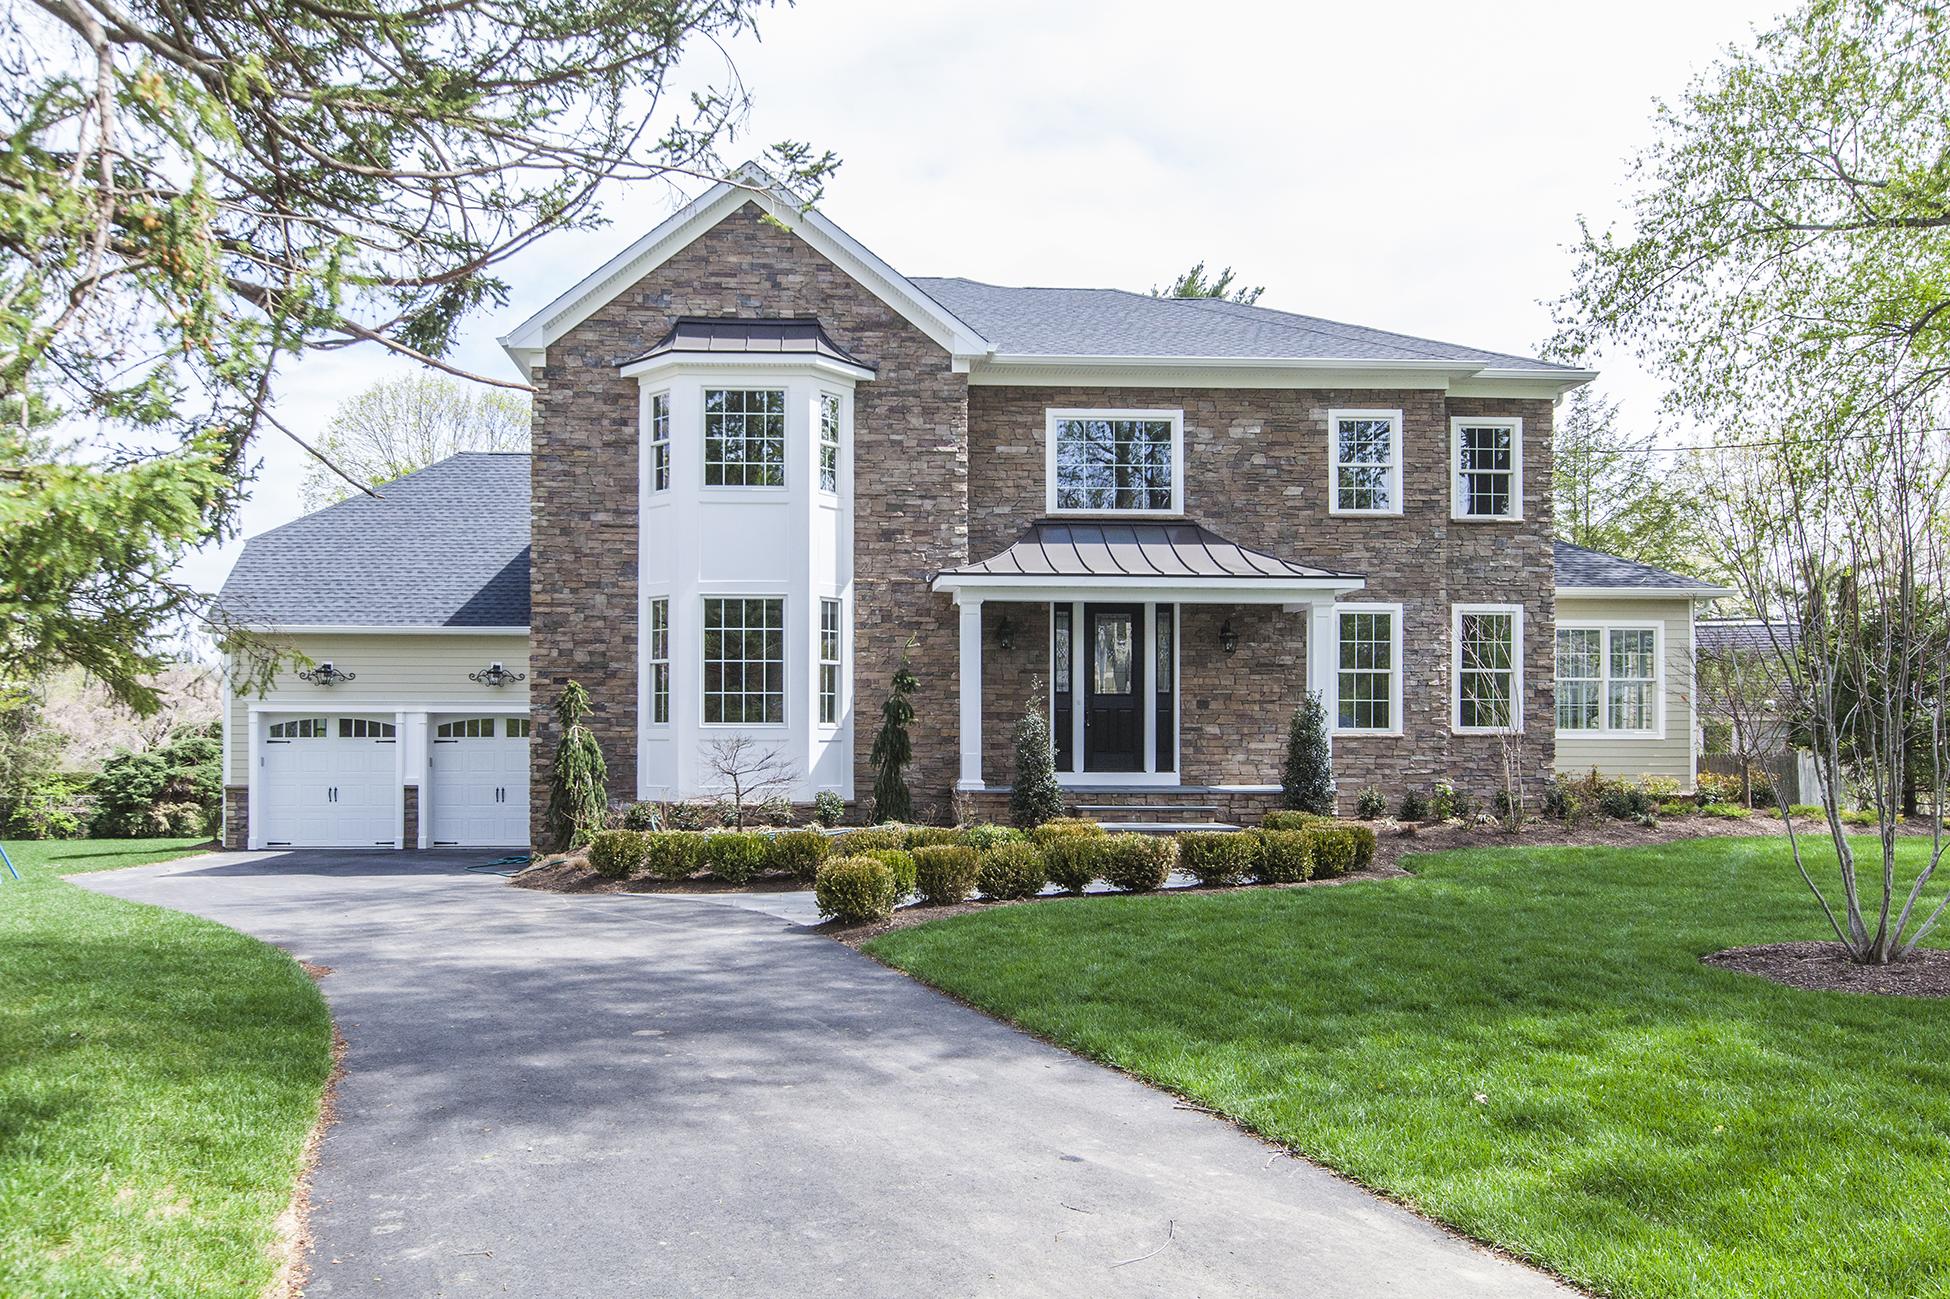 一戸建て のために 売買 アット New Construction in Princeton 113 Magnolia Lane Princeton, ニュージャージー 08540 アメリカ合衆国